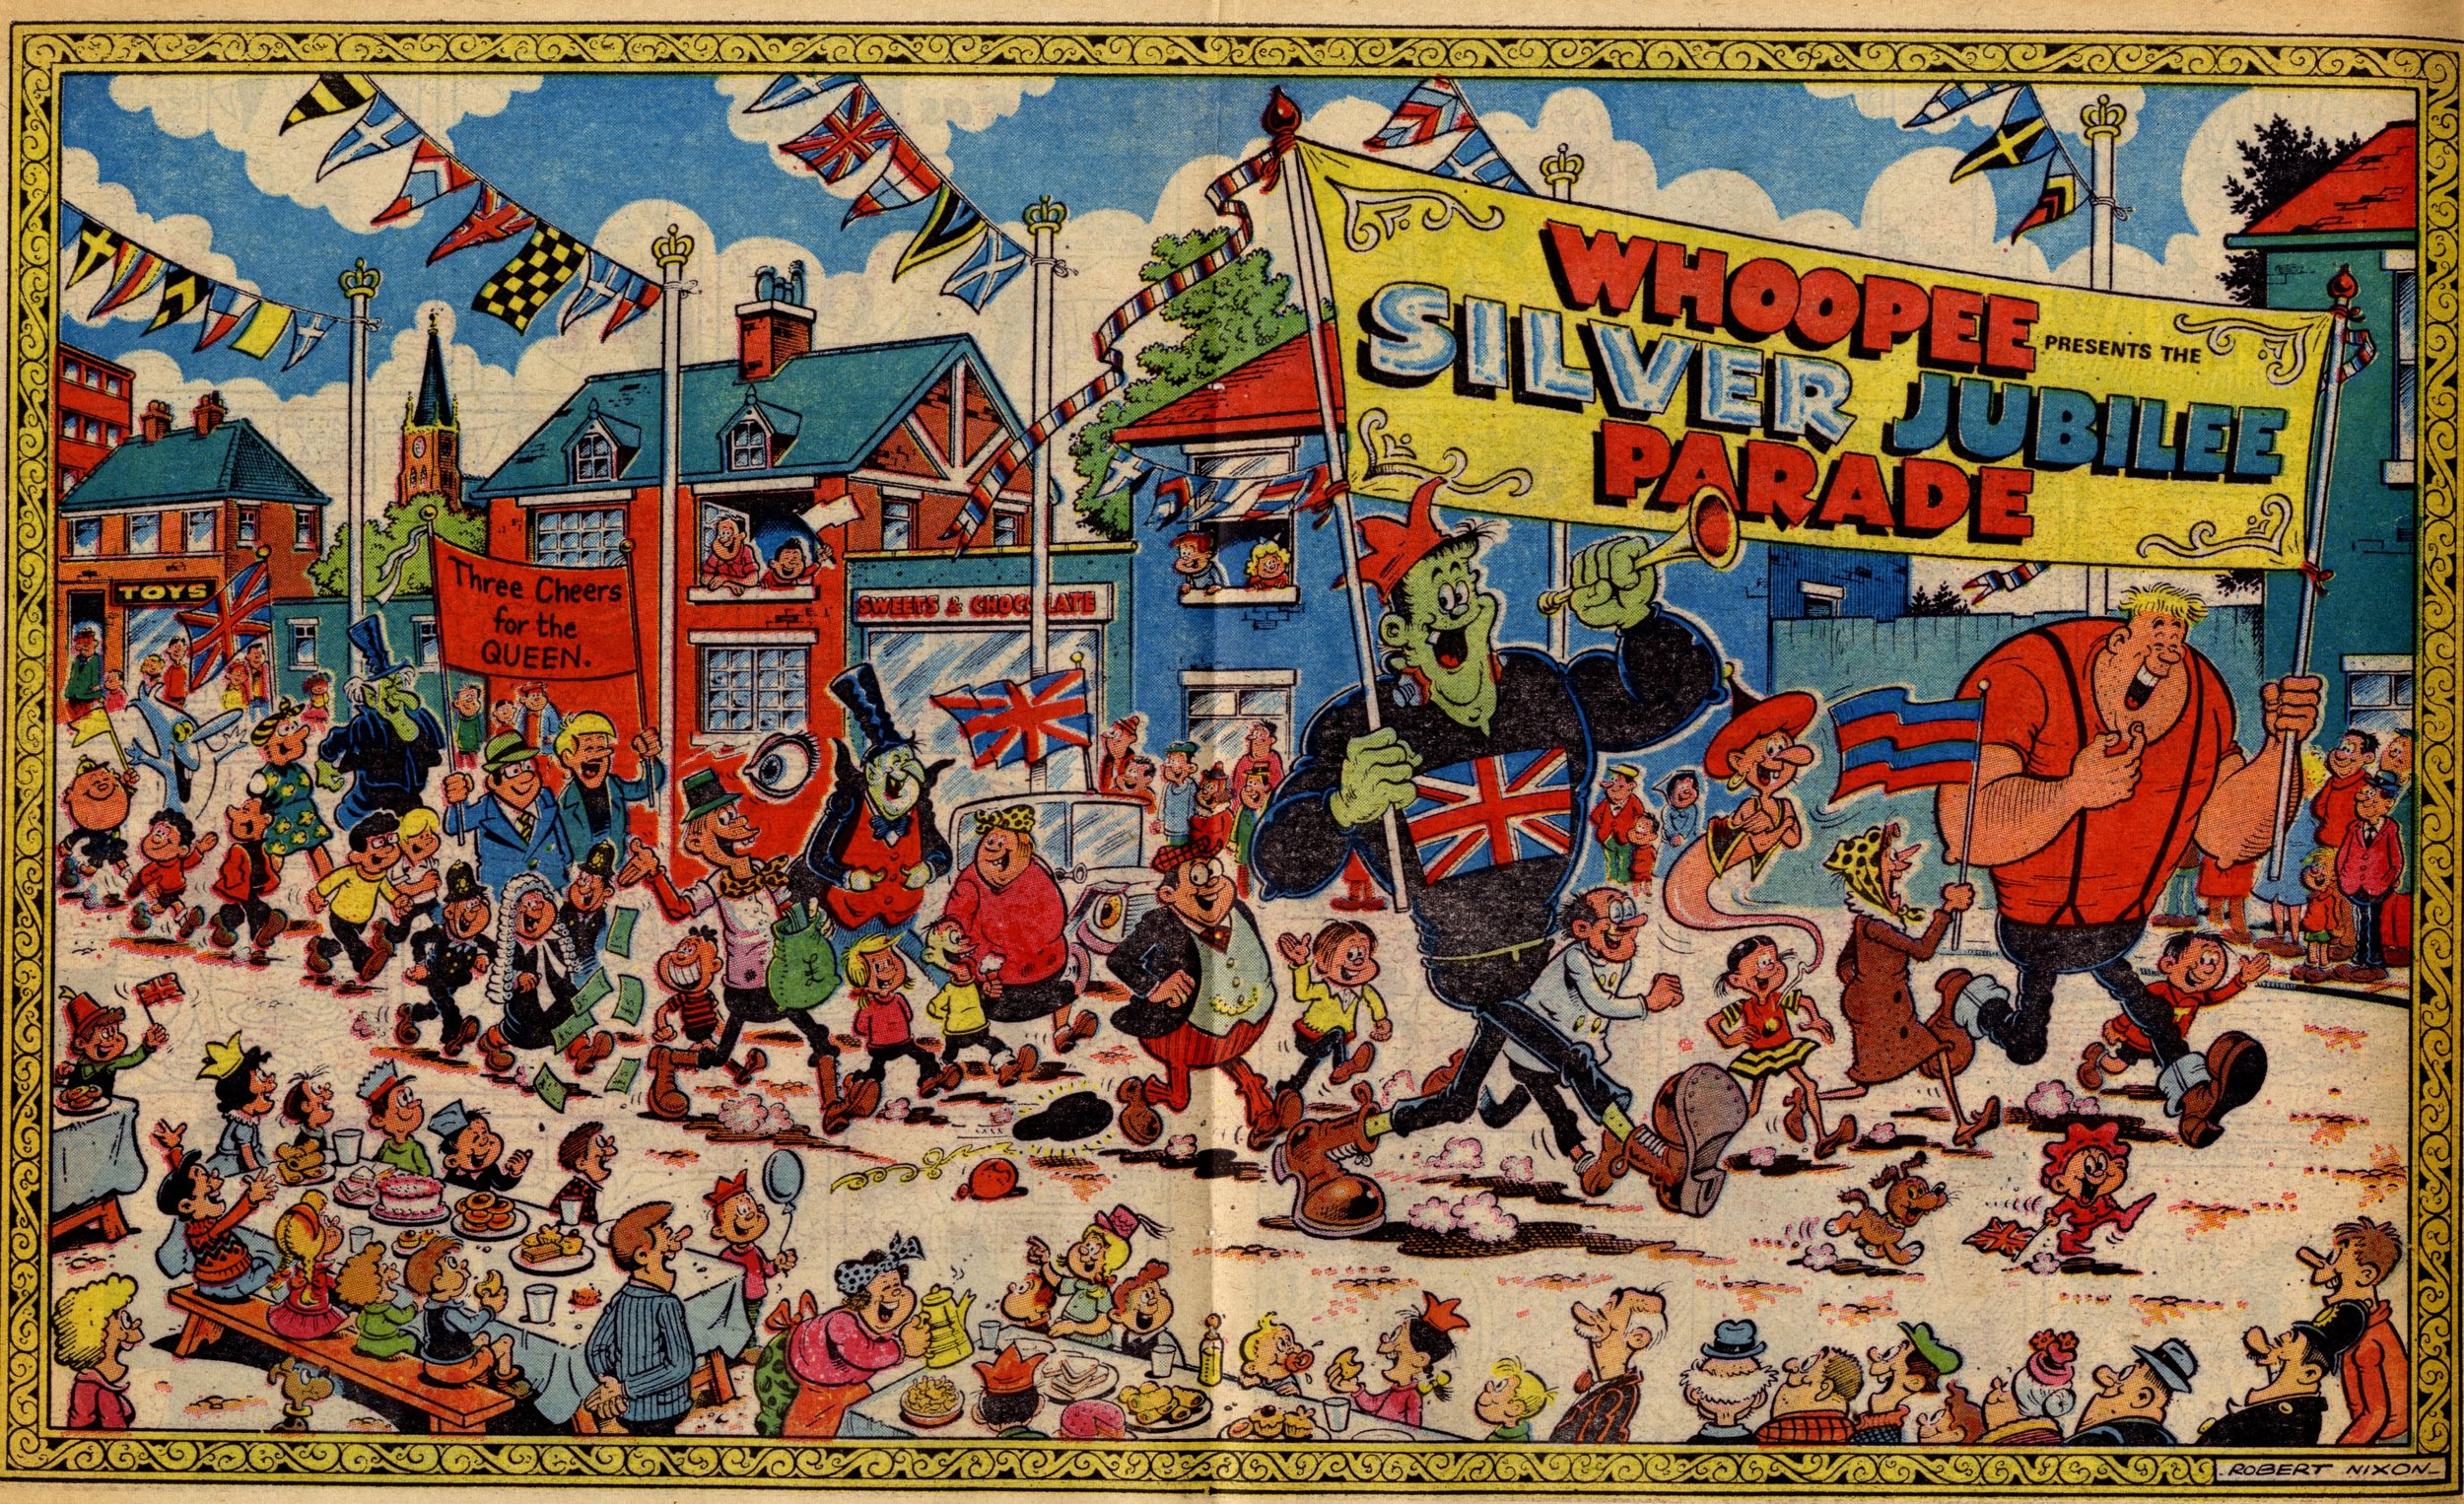 Whoopee Silver Jubilee Parade: Robert Nixon (artist)